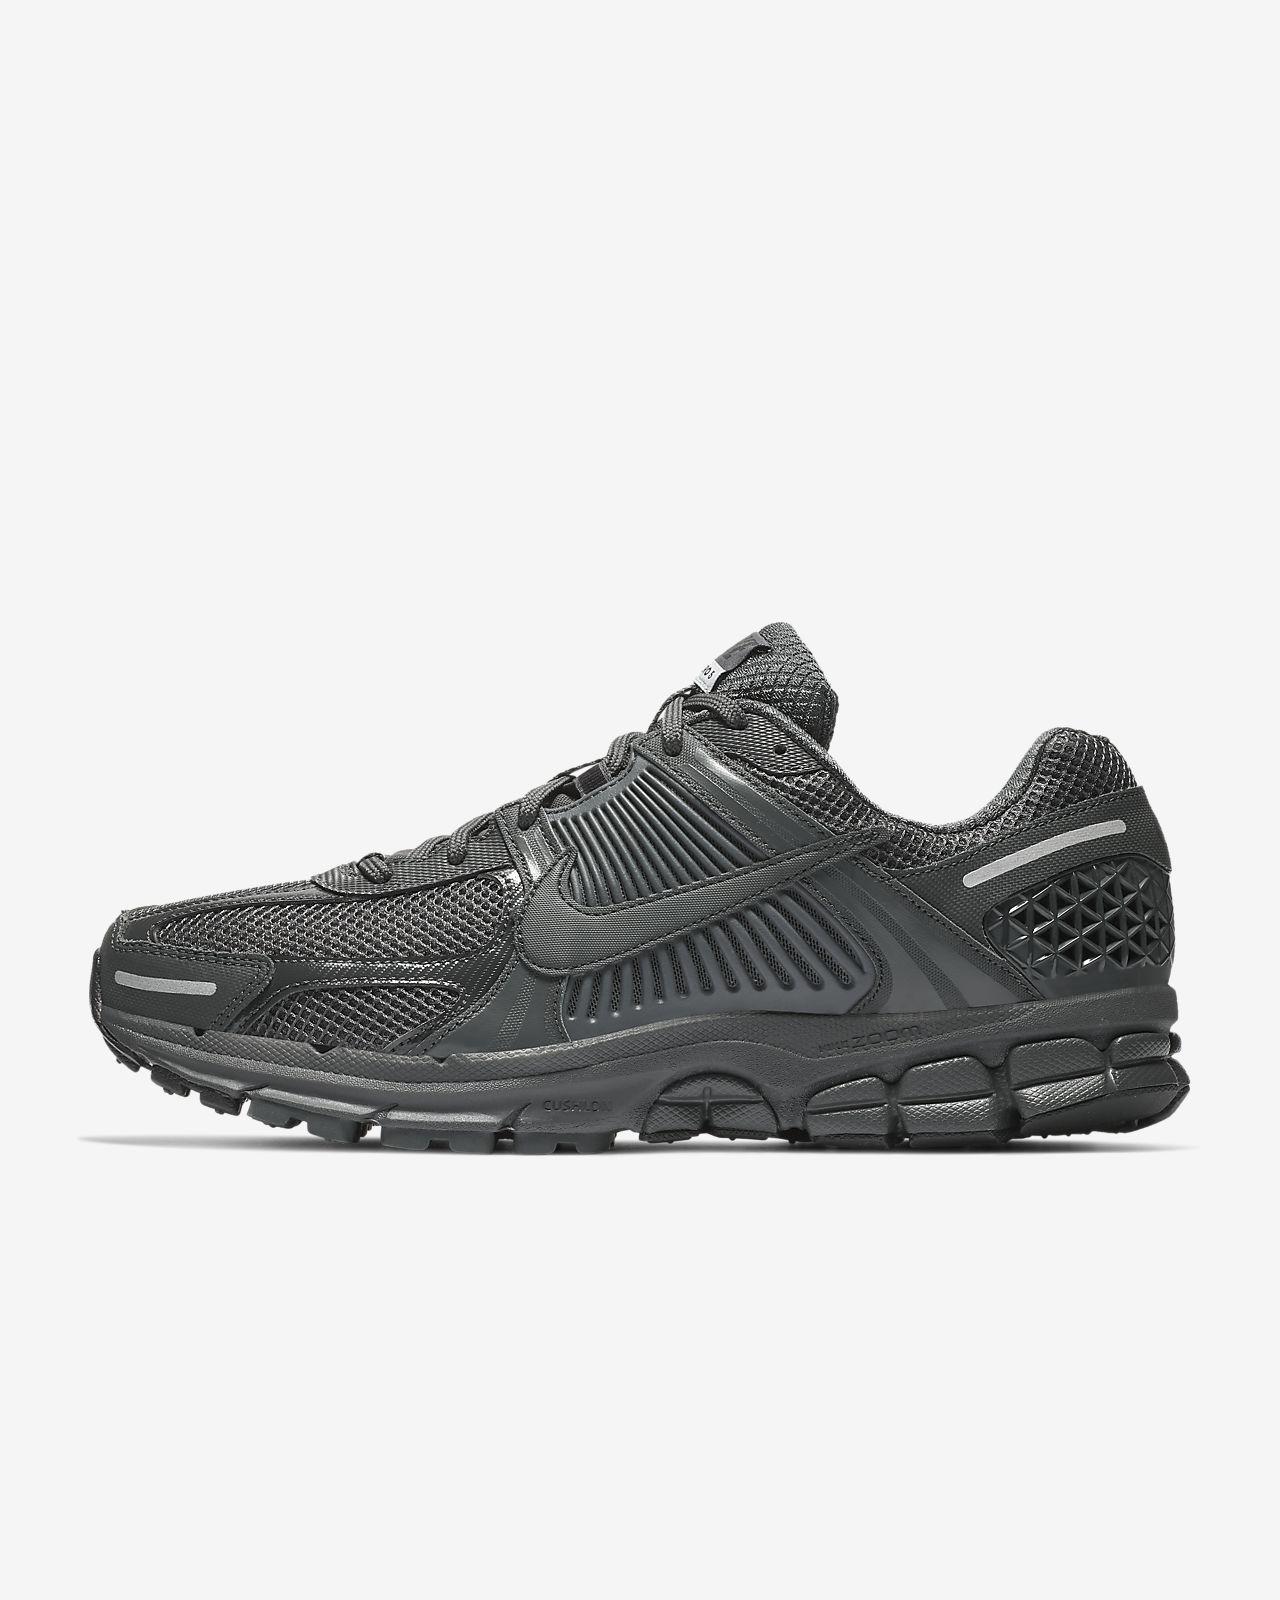 huge discount 3d151 b5ef5 Nike Zoom Vomero 5 SP